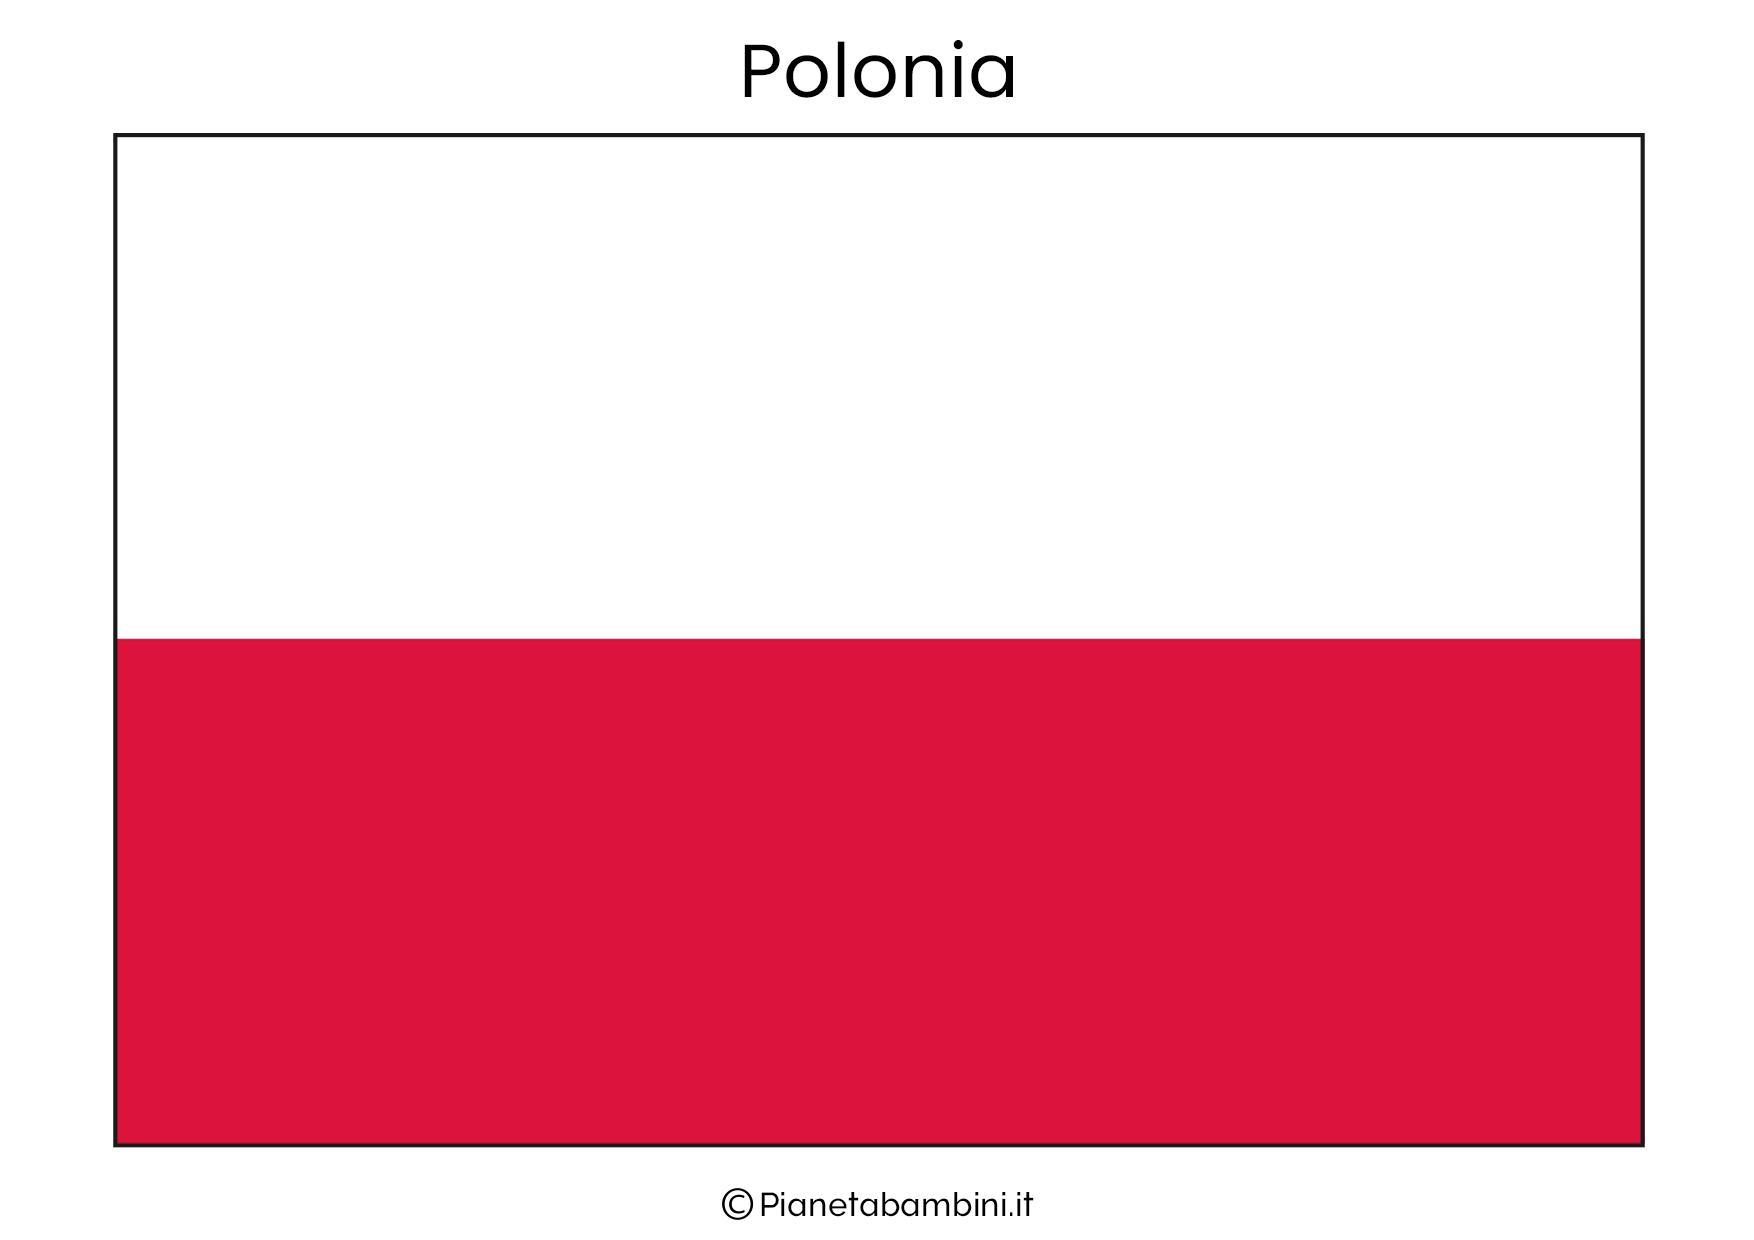 Bandiera della Polonia da stampare